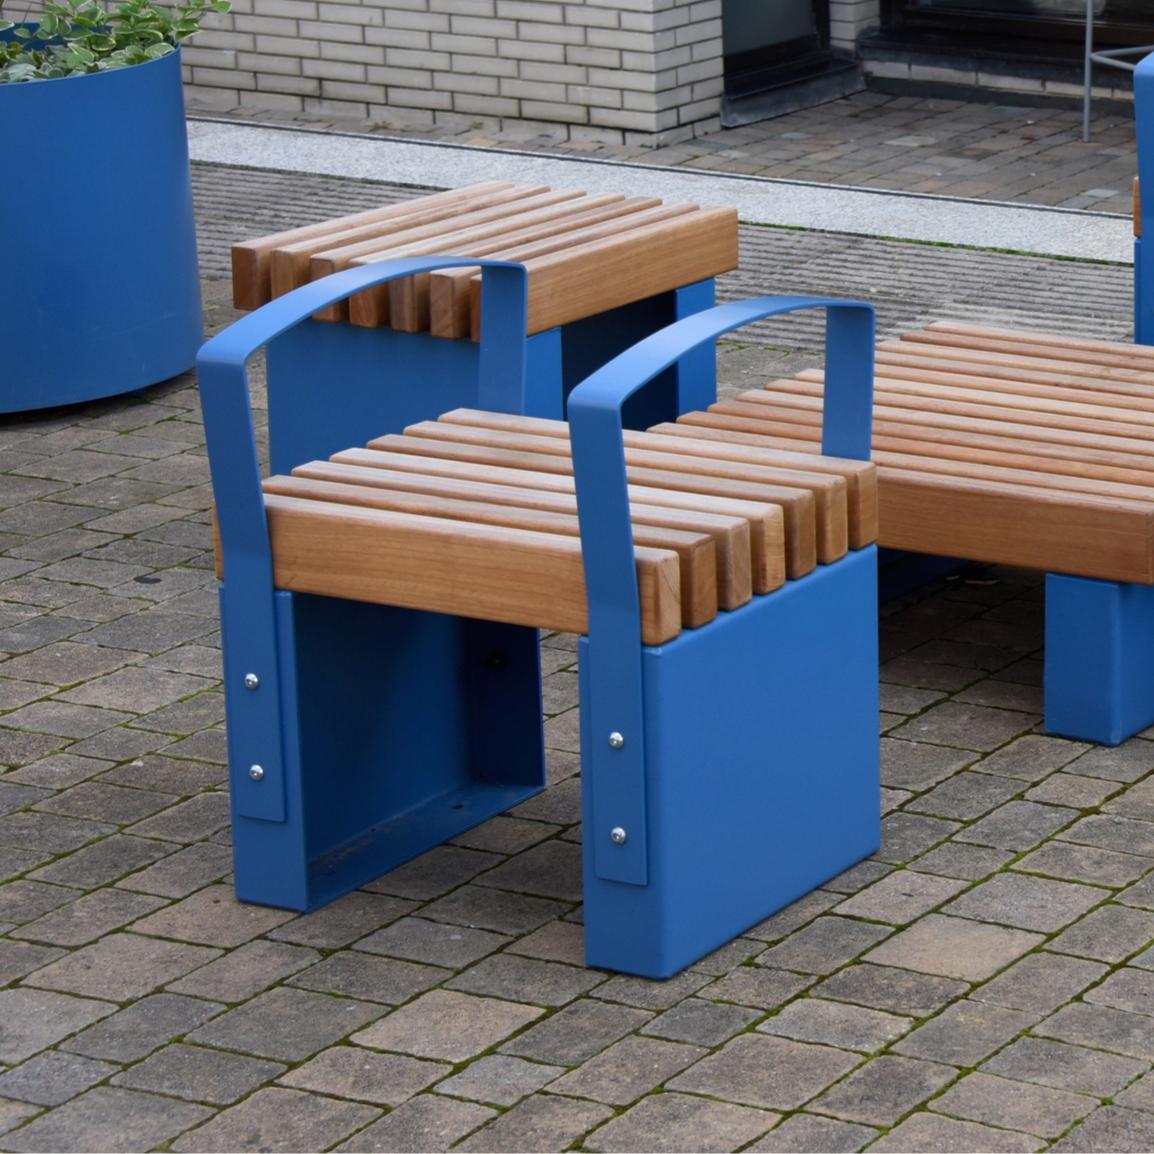 Litchard Short Bench with Armrests